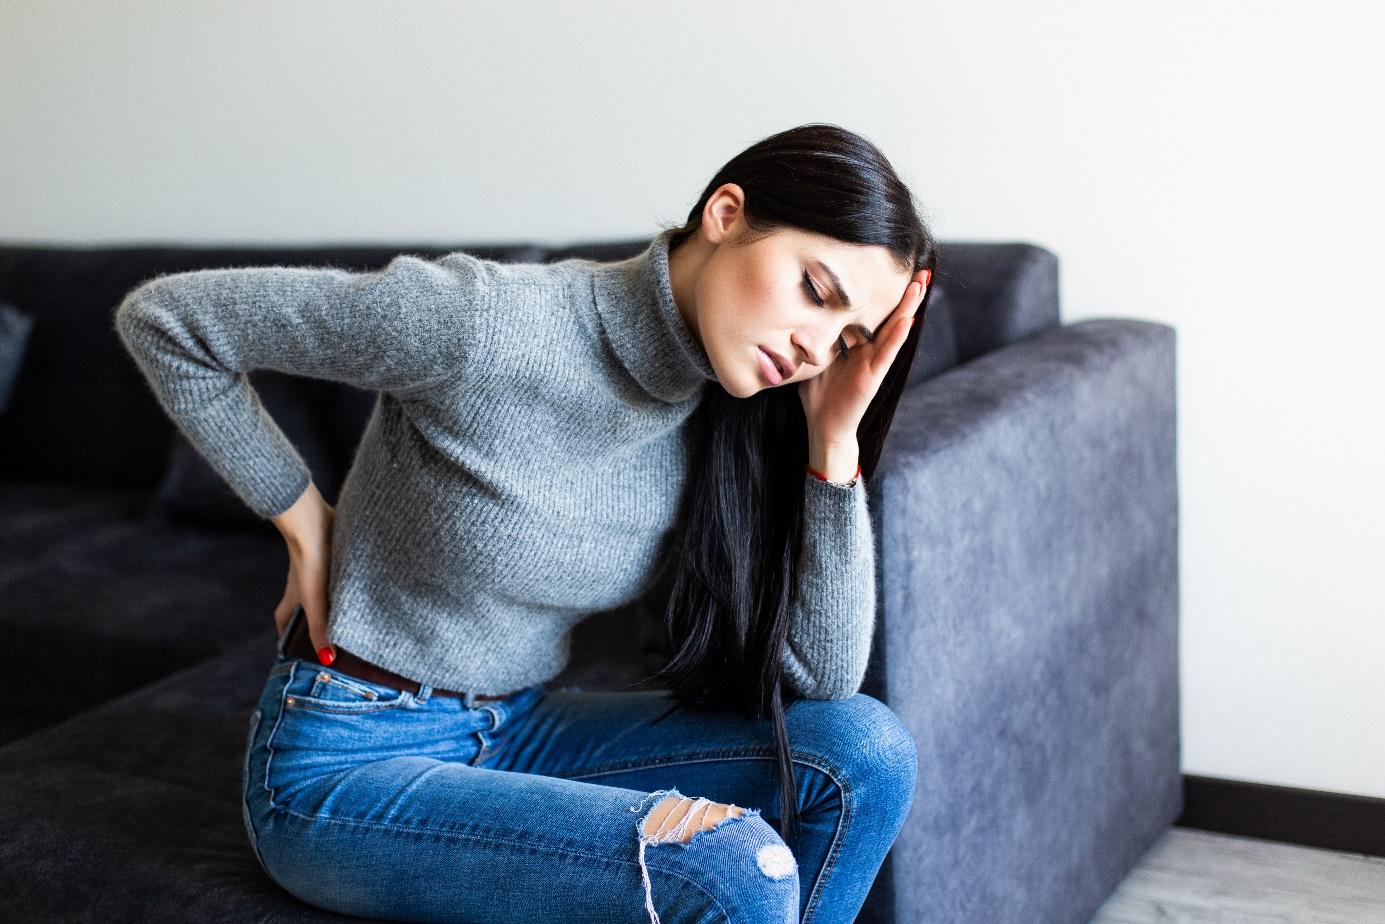 En quoi les correcteurs de postures sont-ils efficaces contre les douleurs dorsales et lombaires?